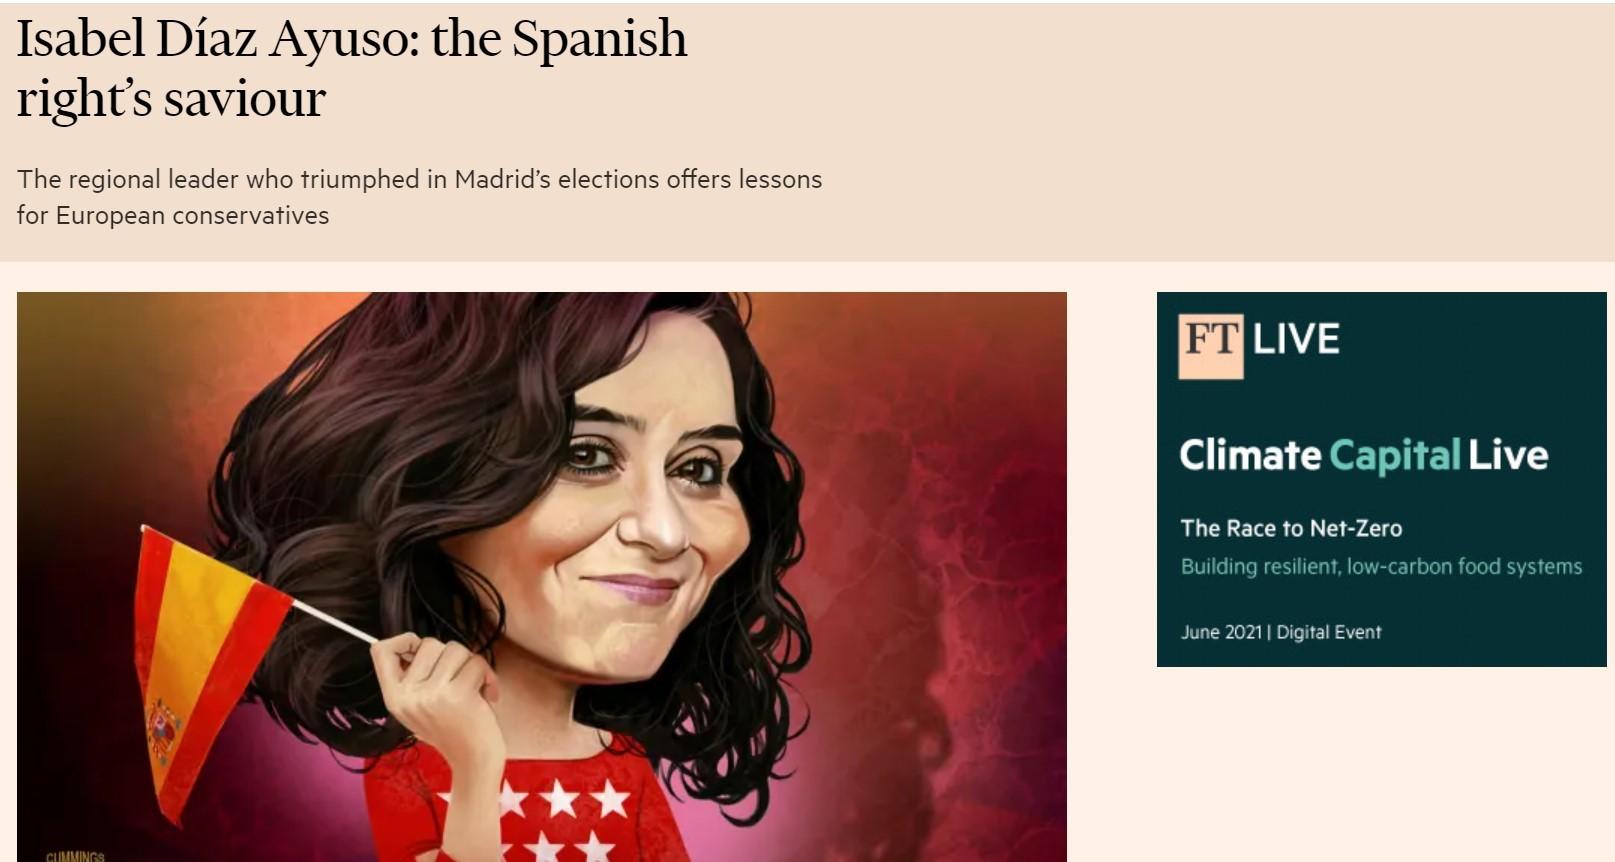 Edición digital del Financial Times con el artículo sobre Díaz Ayuso.